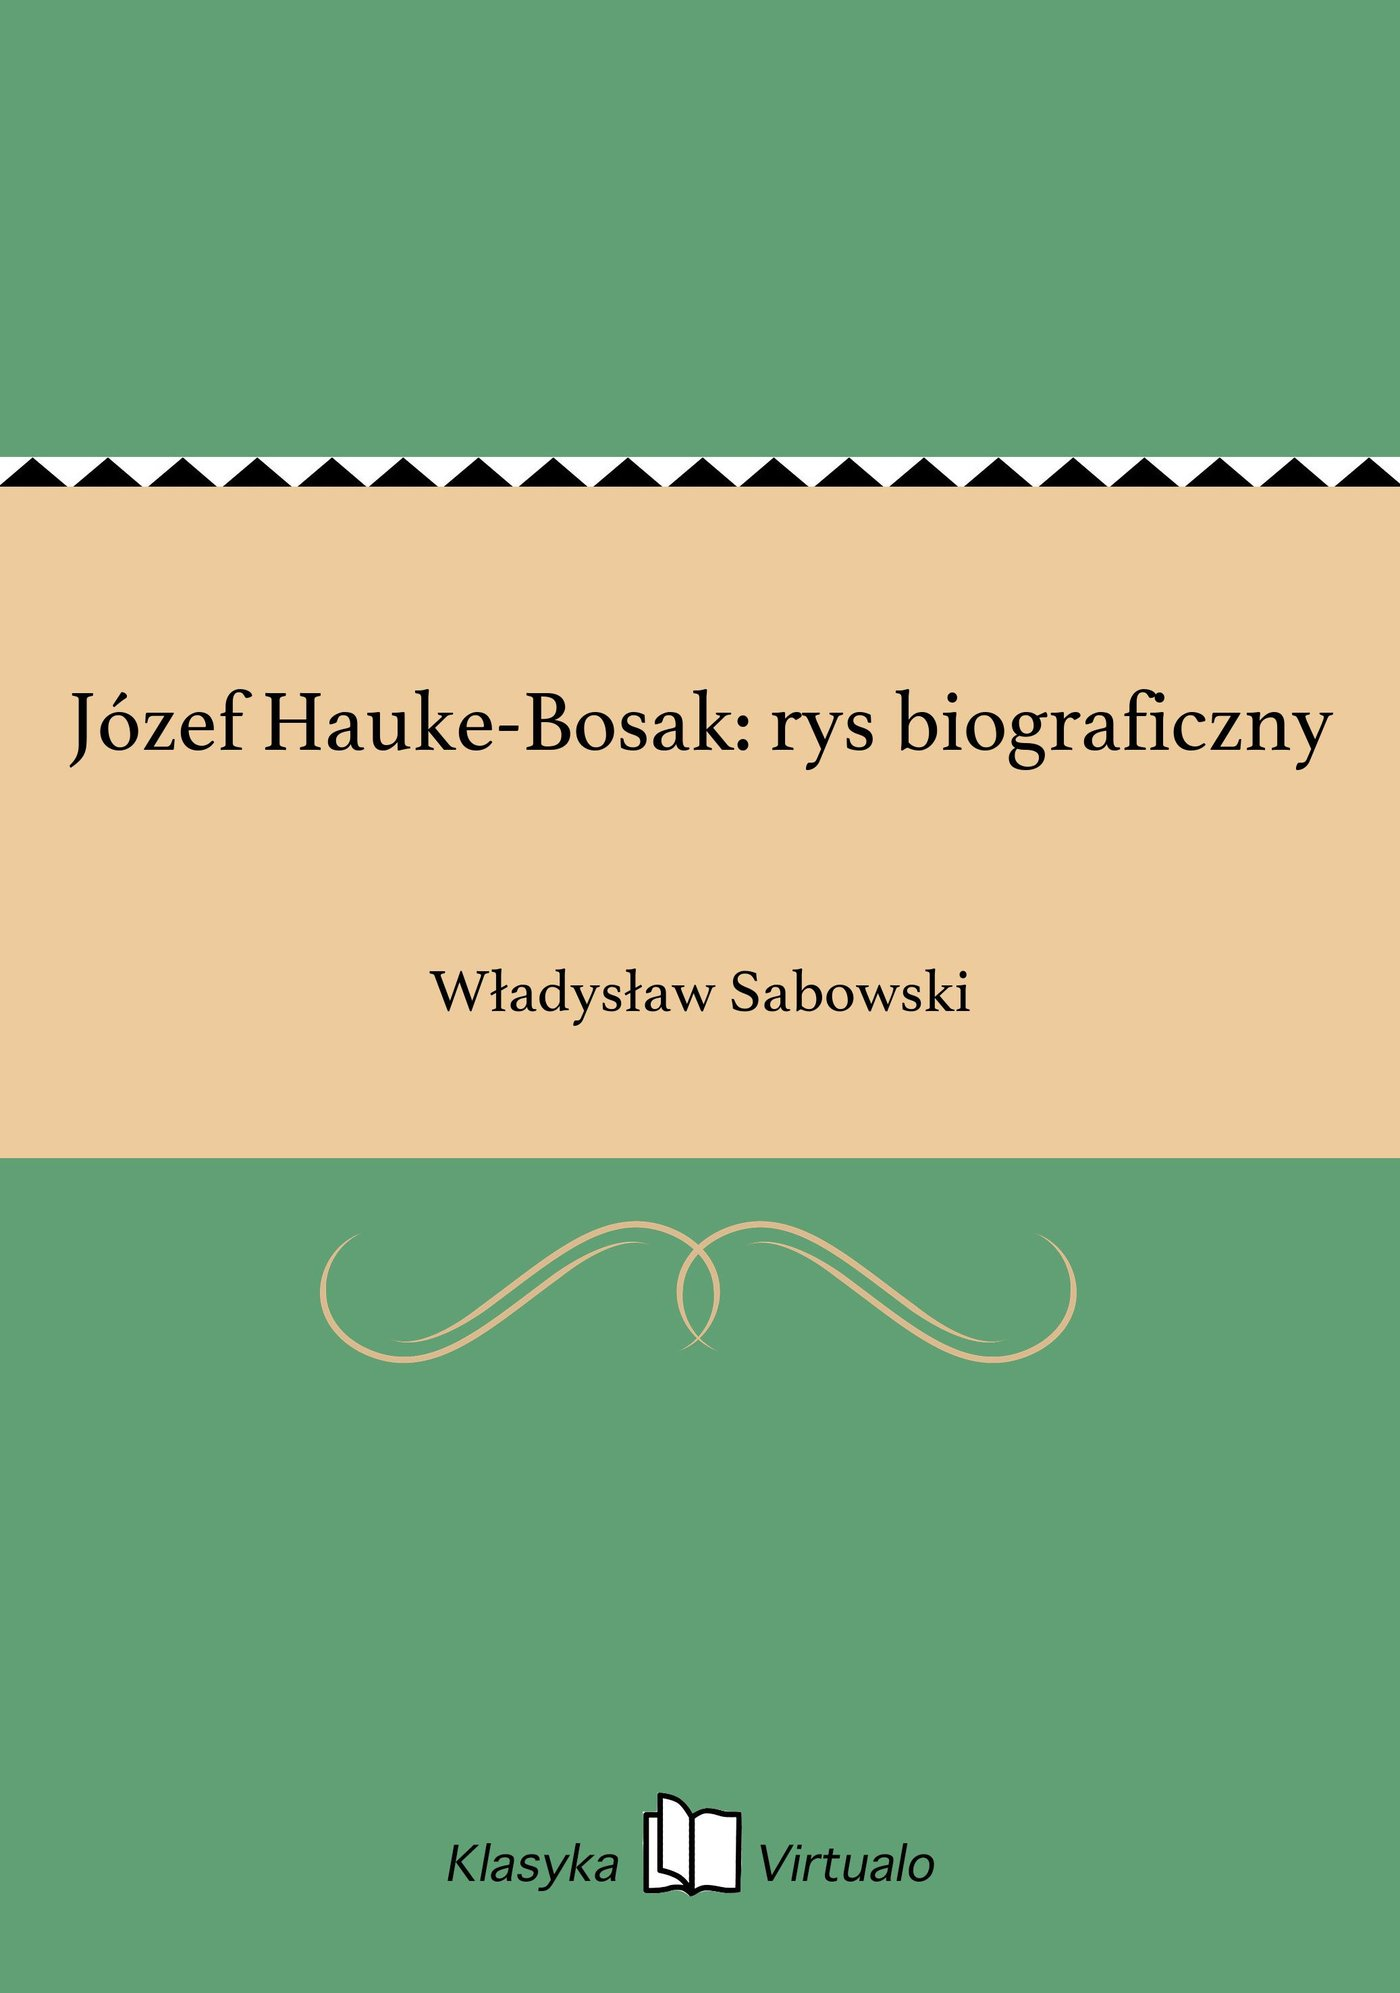 Józef Hauke-Bosak: rys biograficzny - Ebook (Książka EPUB) do pobrania w formacie EPUB